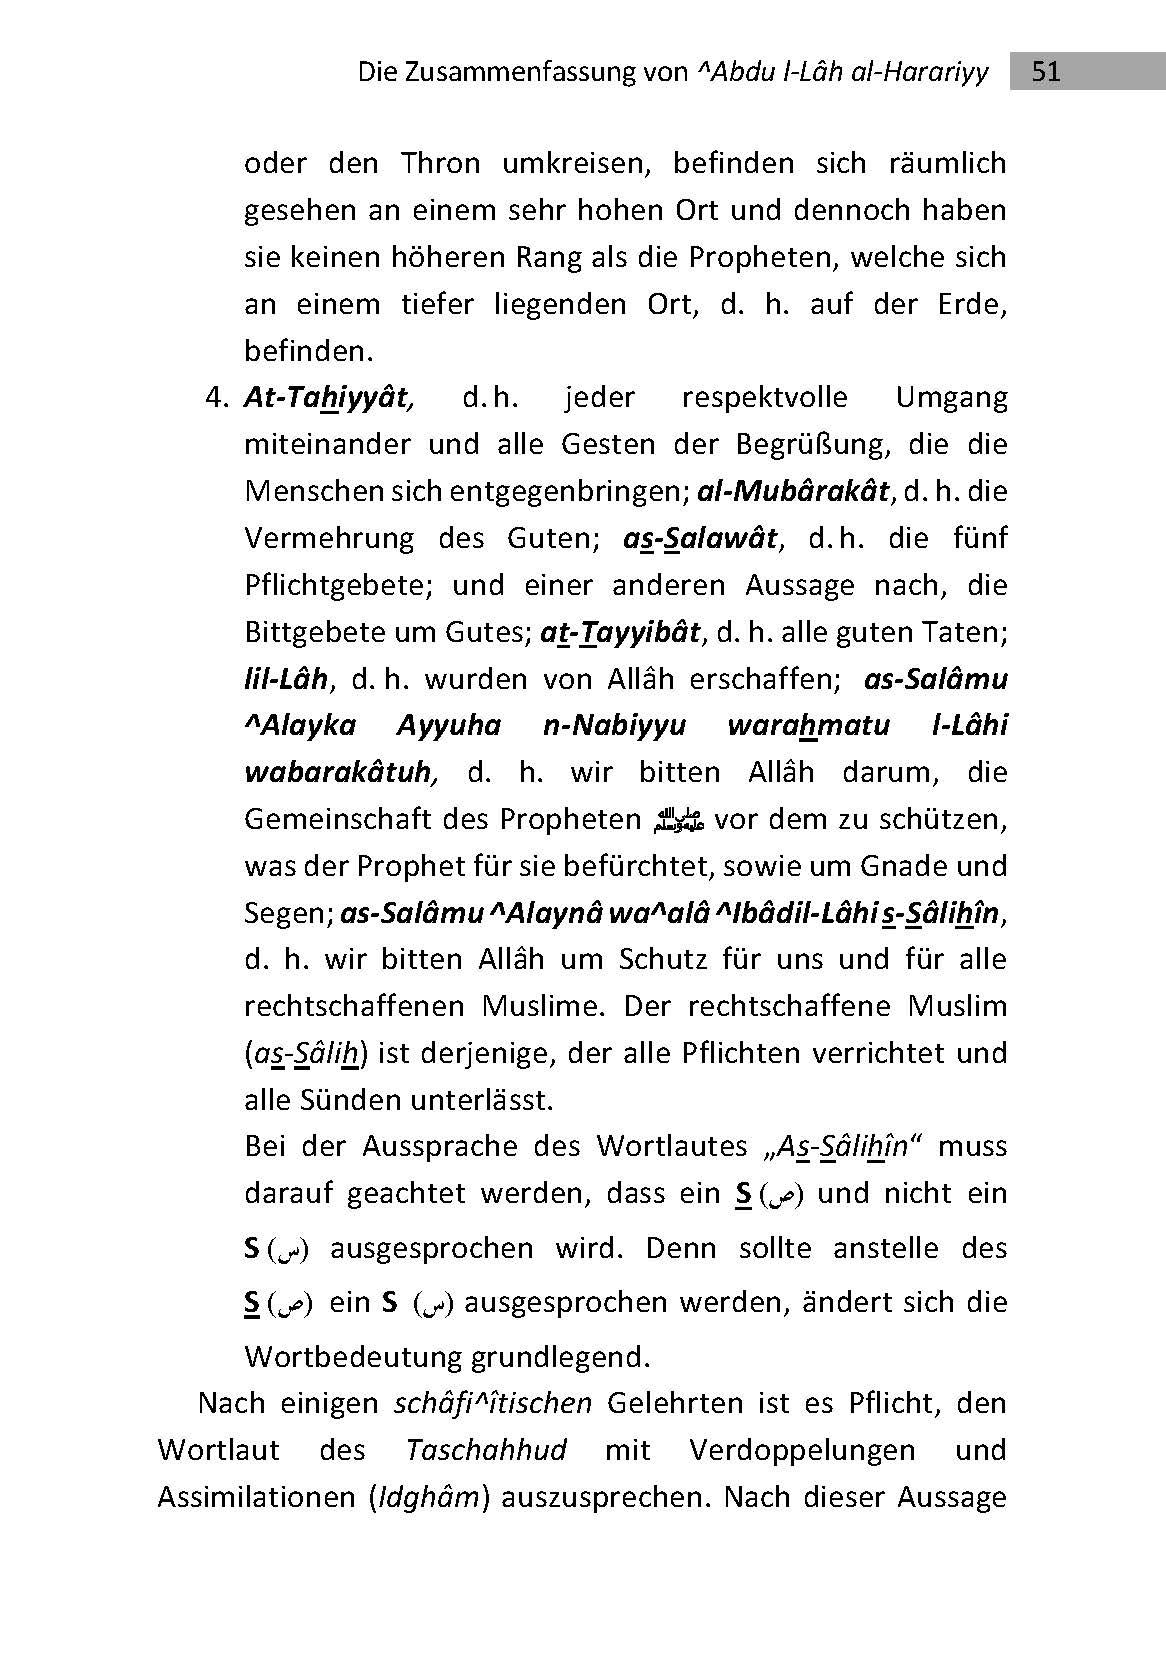 Die Zusammenfassung - 3. Auflage 2014_Seite_51